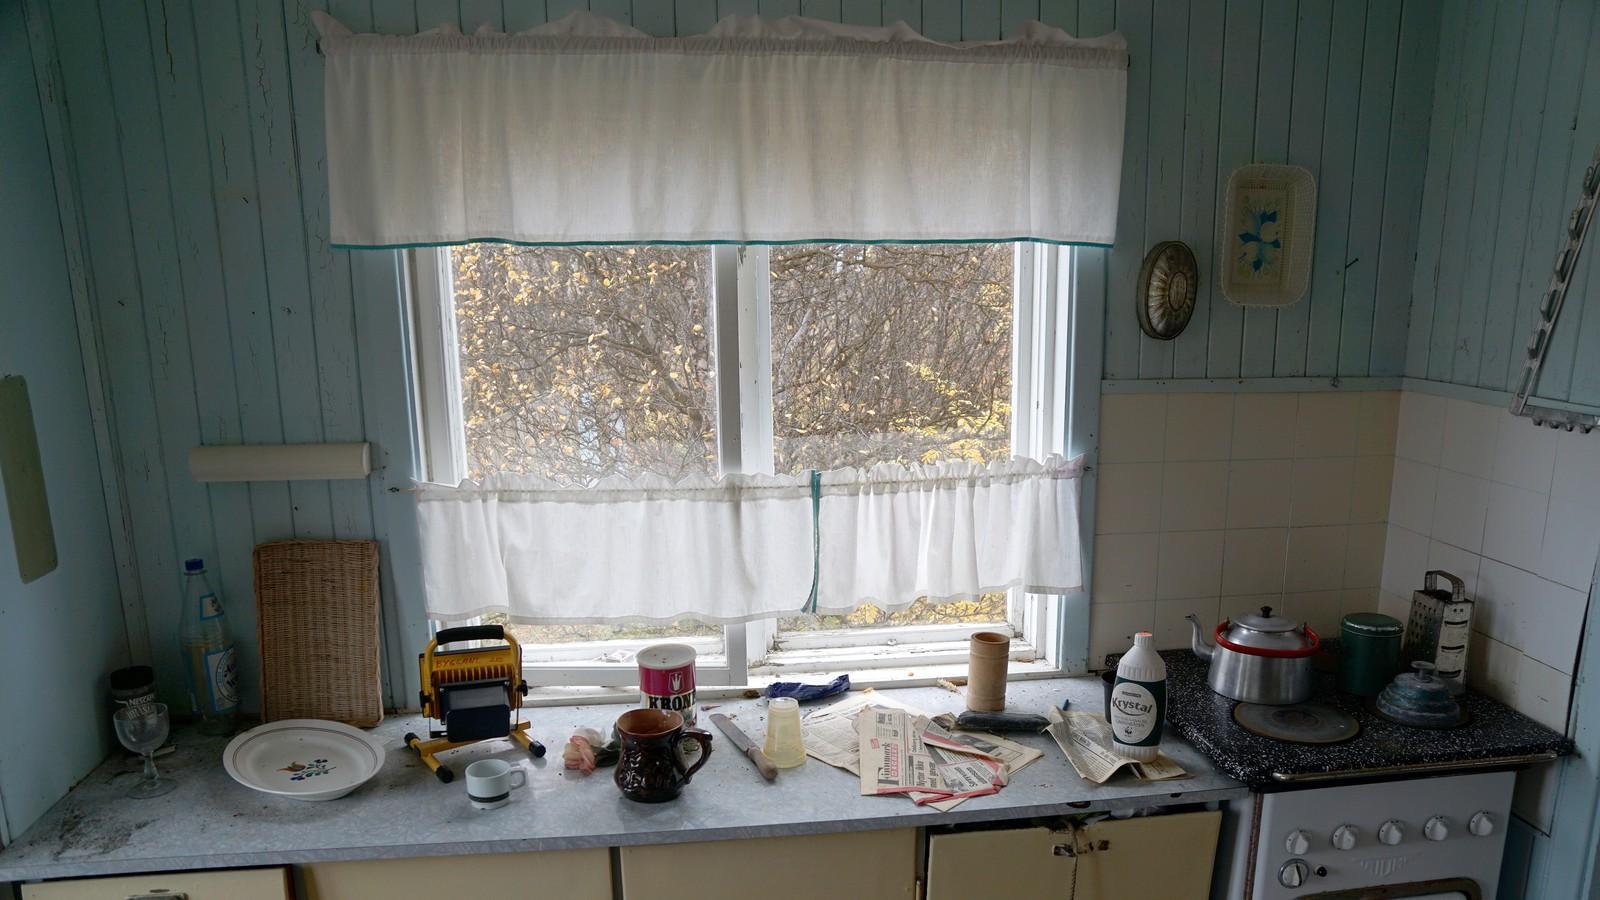 Kjøkkenbenk med innebygd vedkasse like ved ovn.